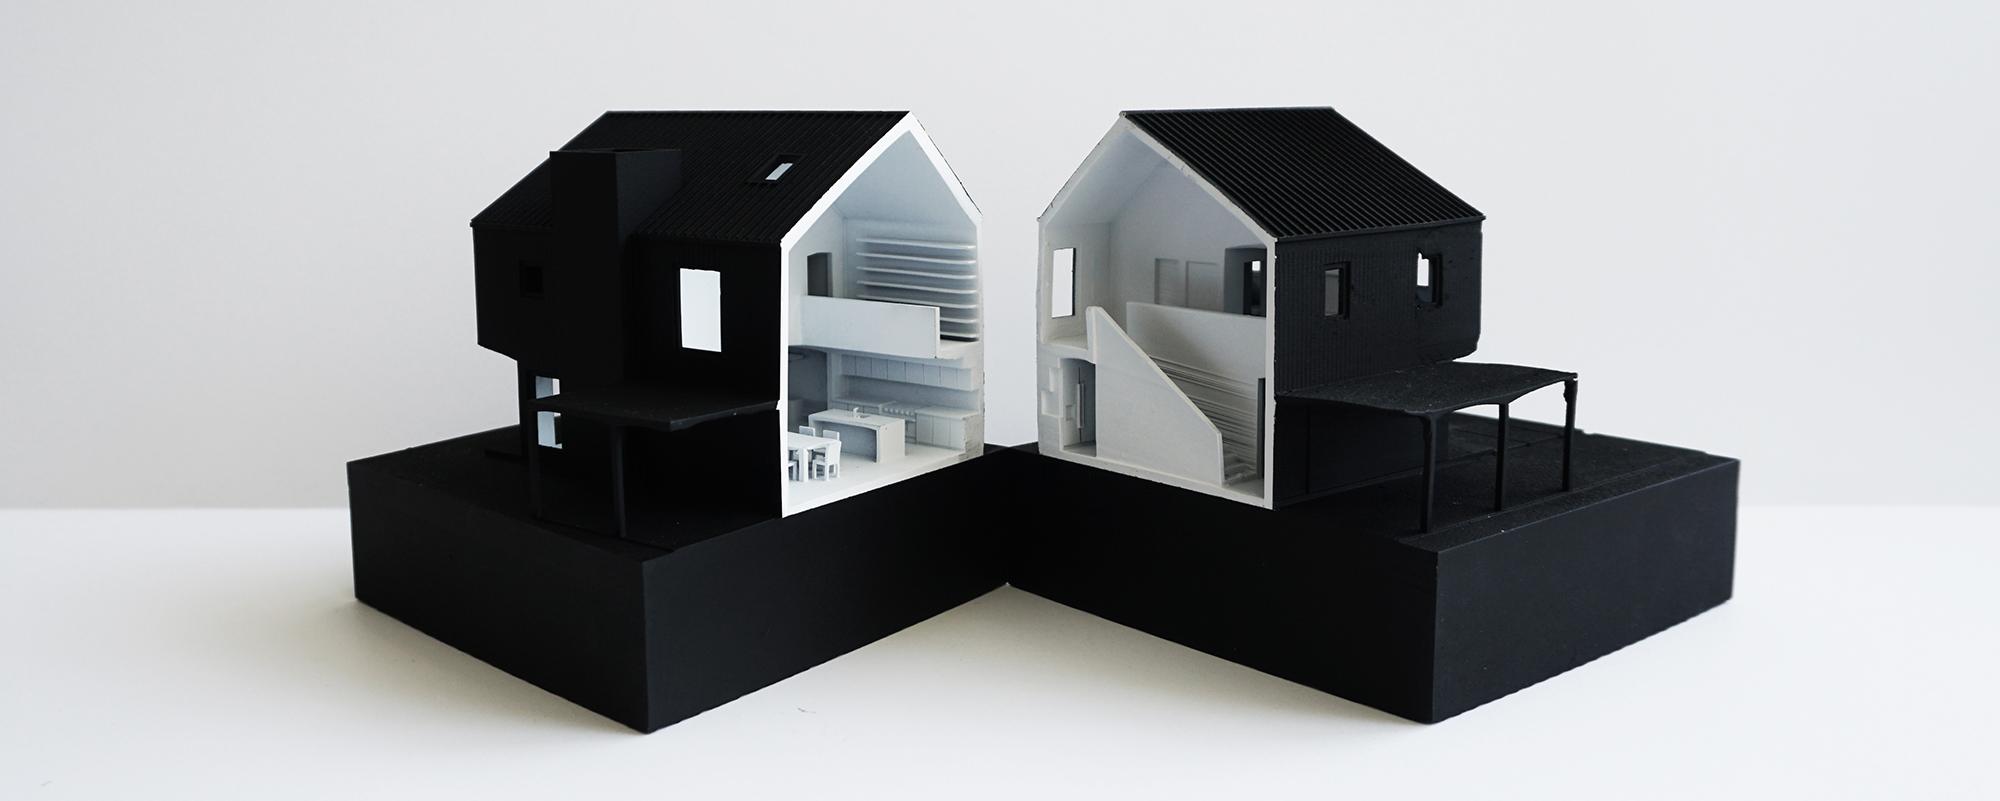 Resultado de imagem para architecture 3d printing